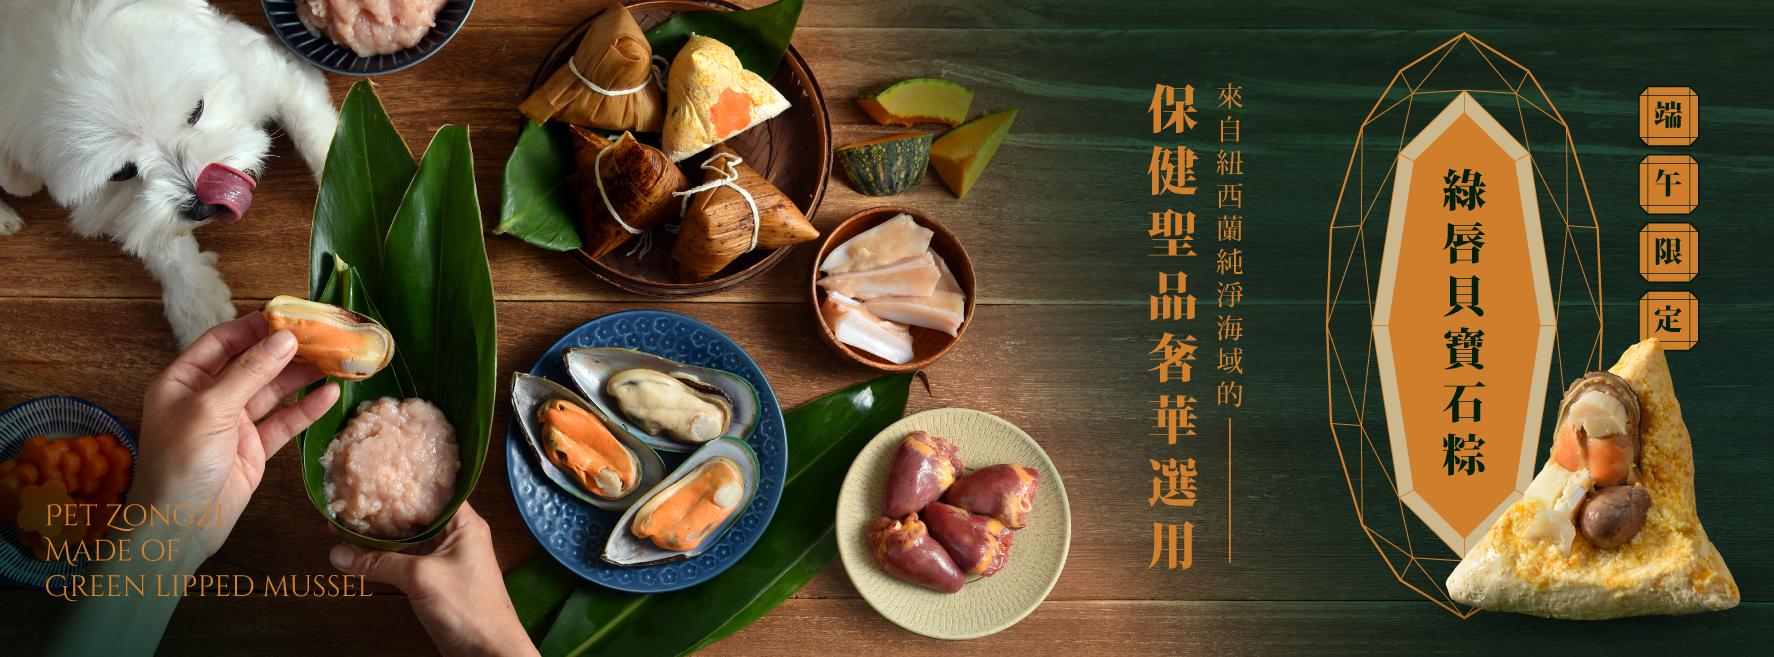 寵物端午節肉粽